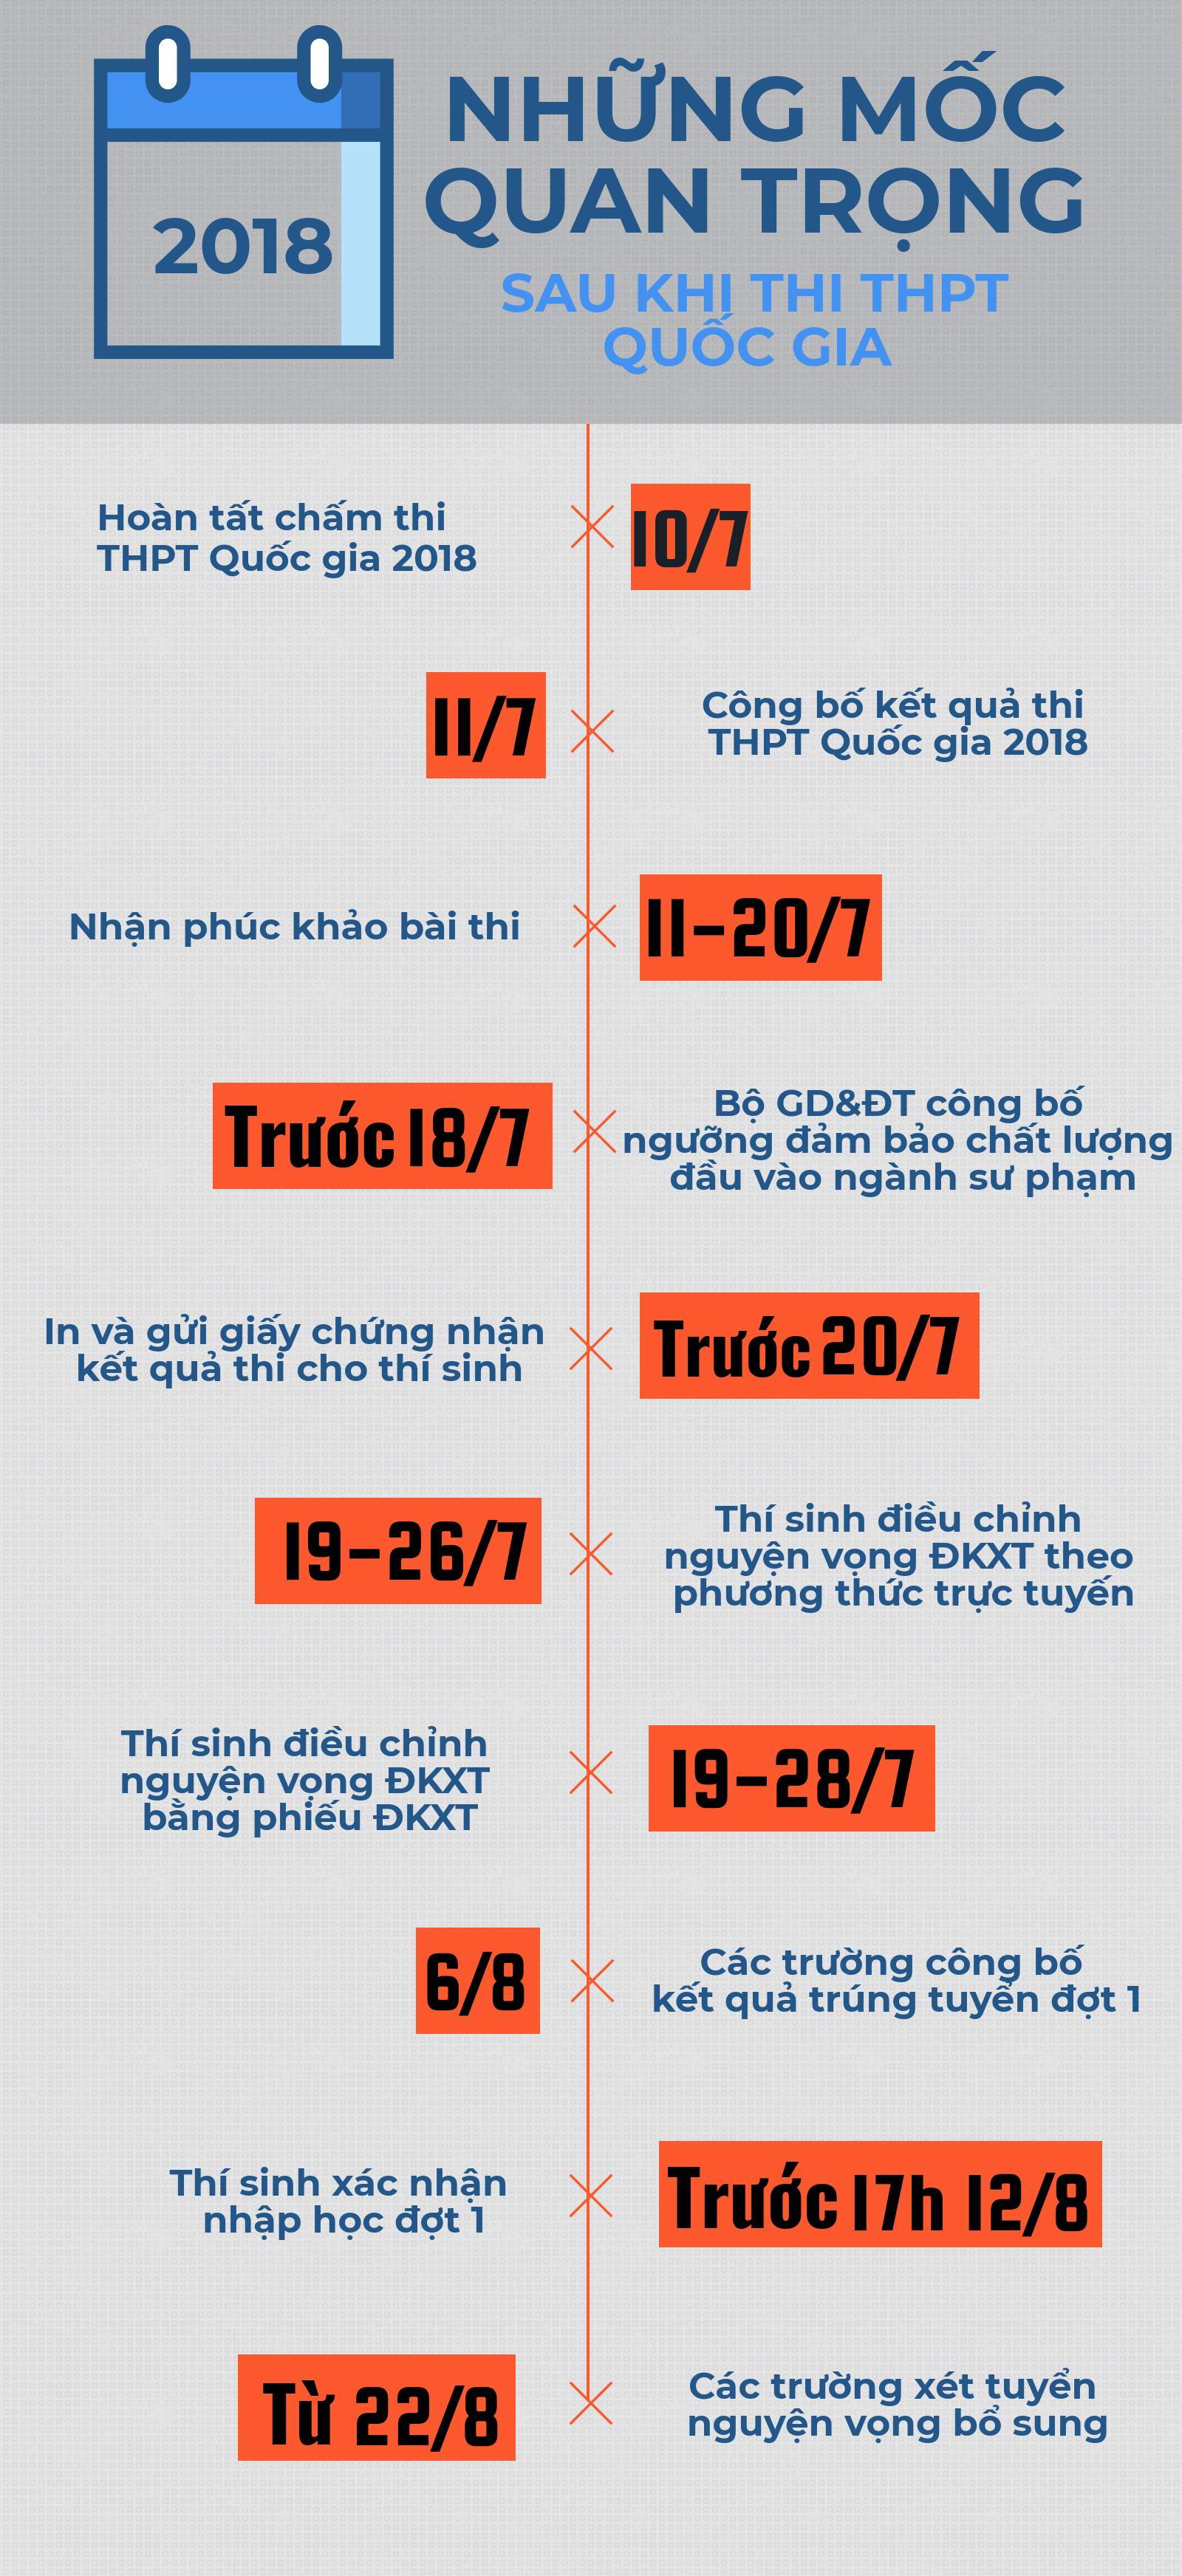 diem thi THPT quoc gia 2018